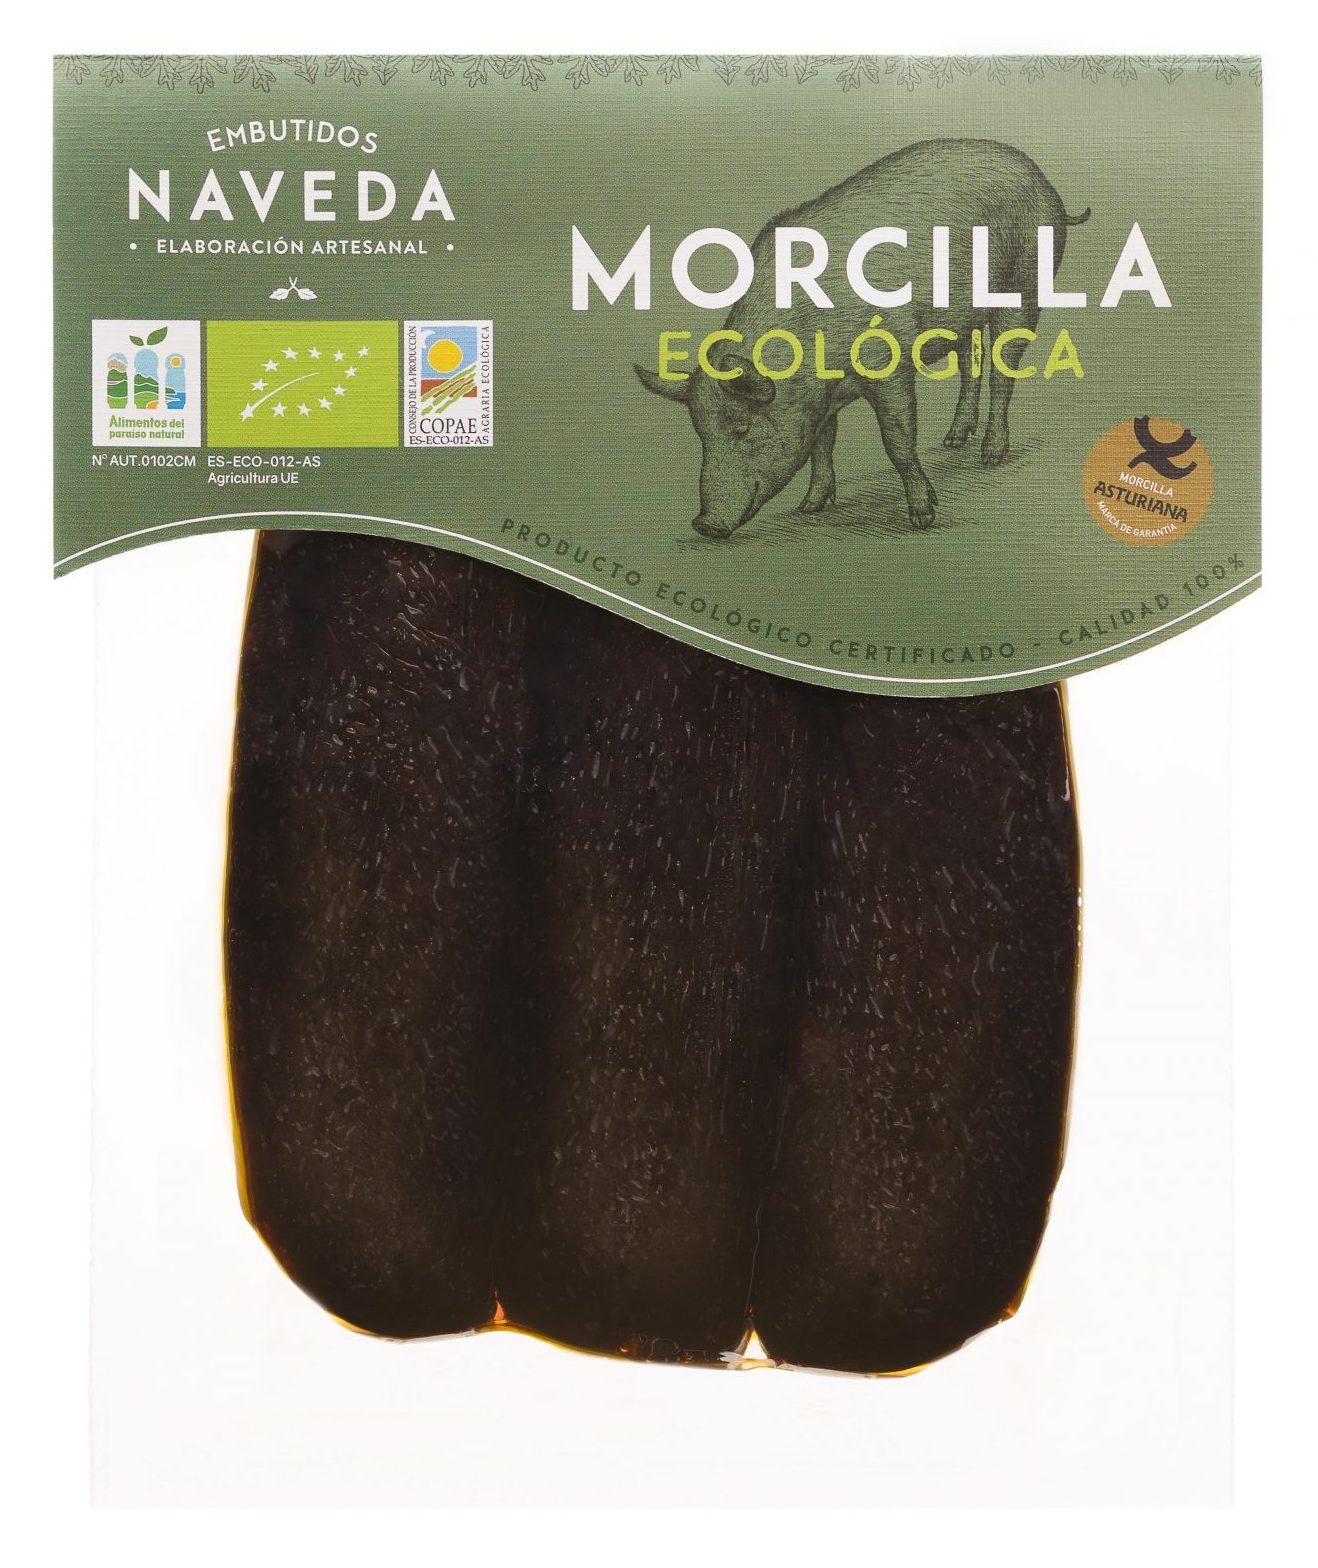 embutidos_naveda-producto-ecologico_certificado